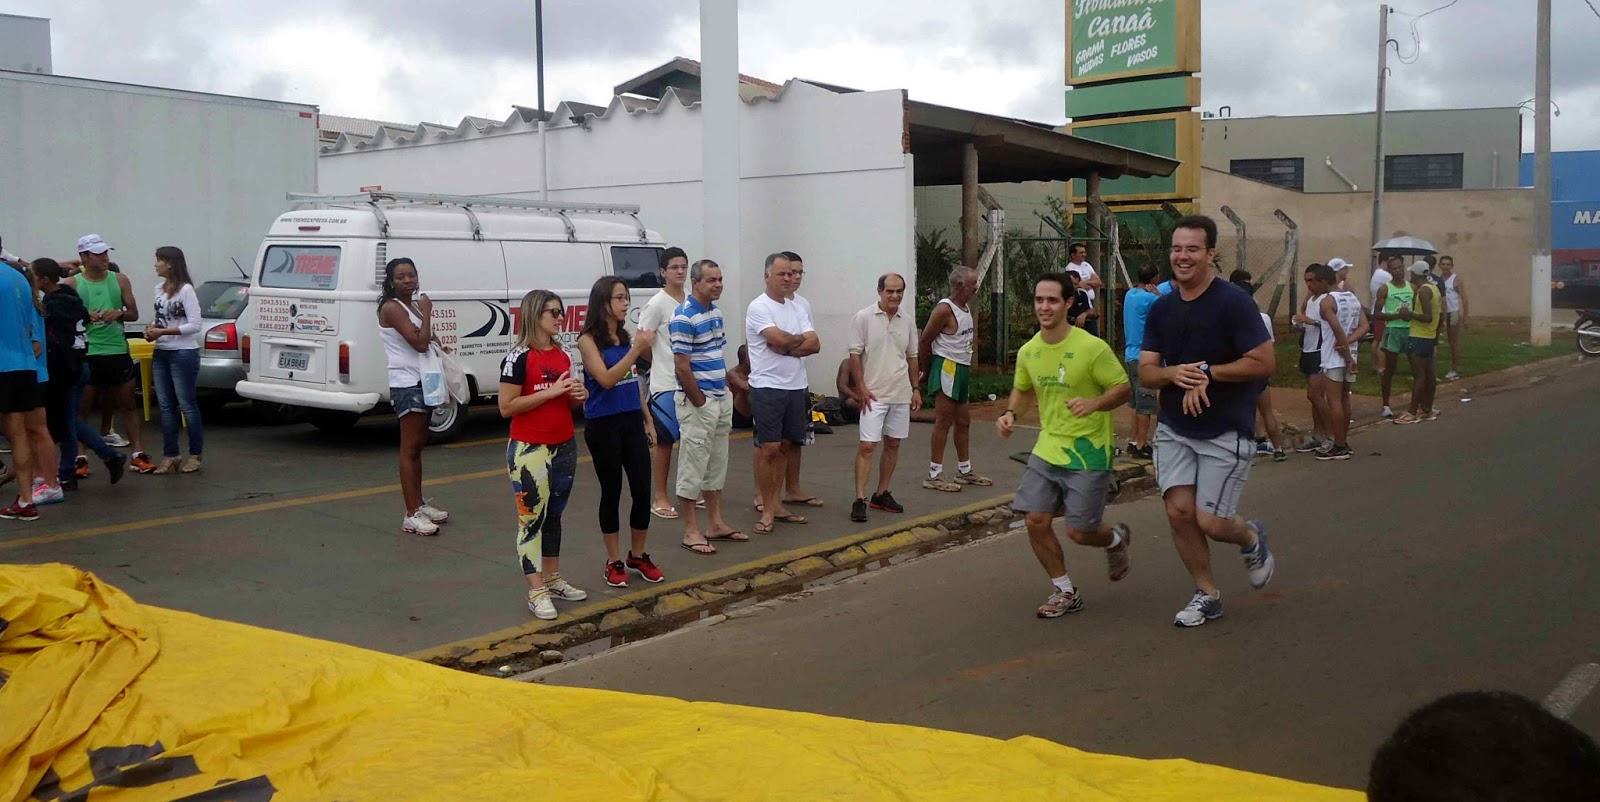 Foto 179 da 1ª Corrida Av. dos Coqueiros em Barretos-SP 14/04/2013 – Atletas cruzando a linha de chegada